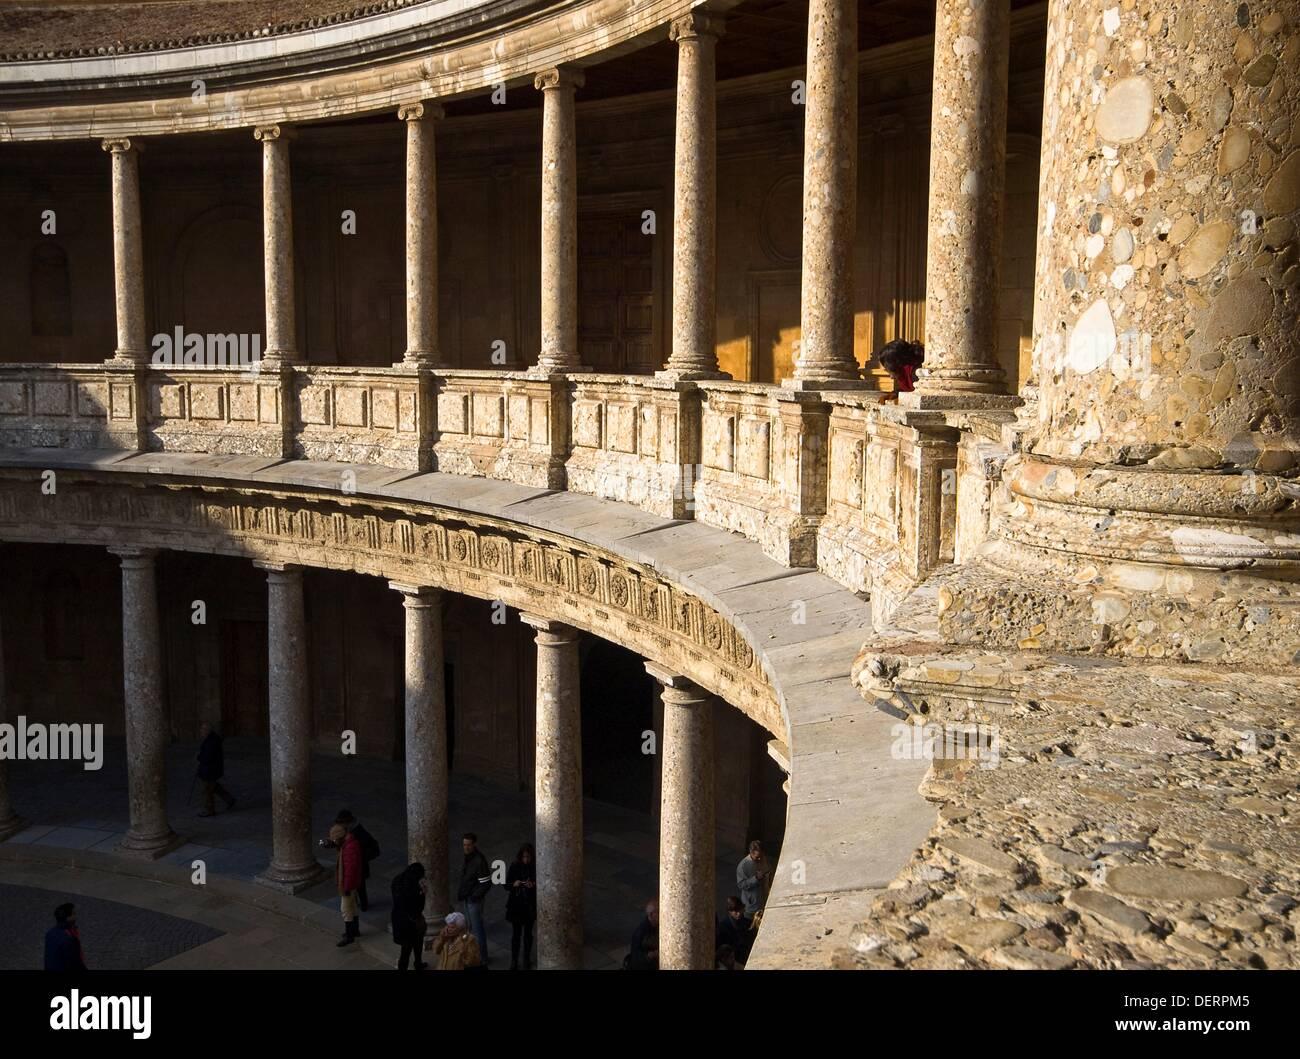 High Quality ... Columnas En El Patio Circular Del Palacio Real De Carlos V En La  Alhambra De Granada